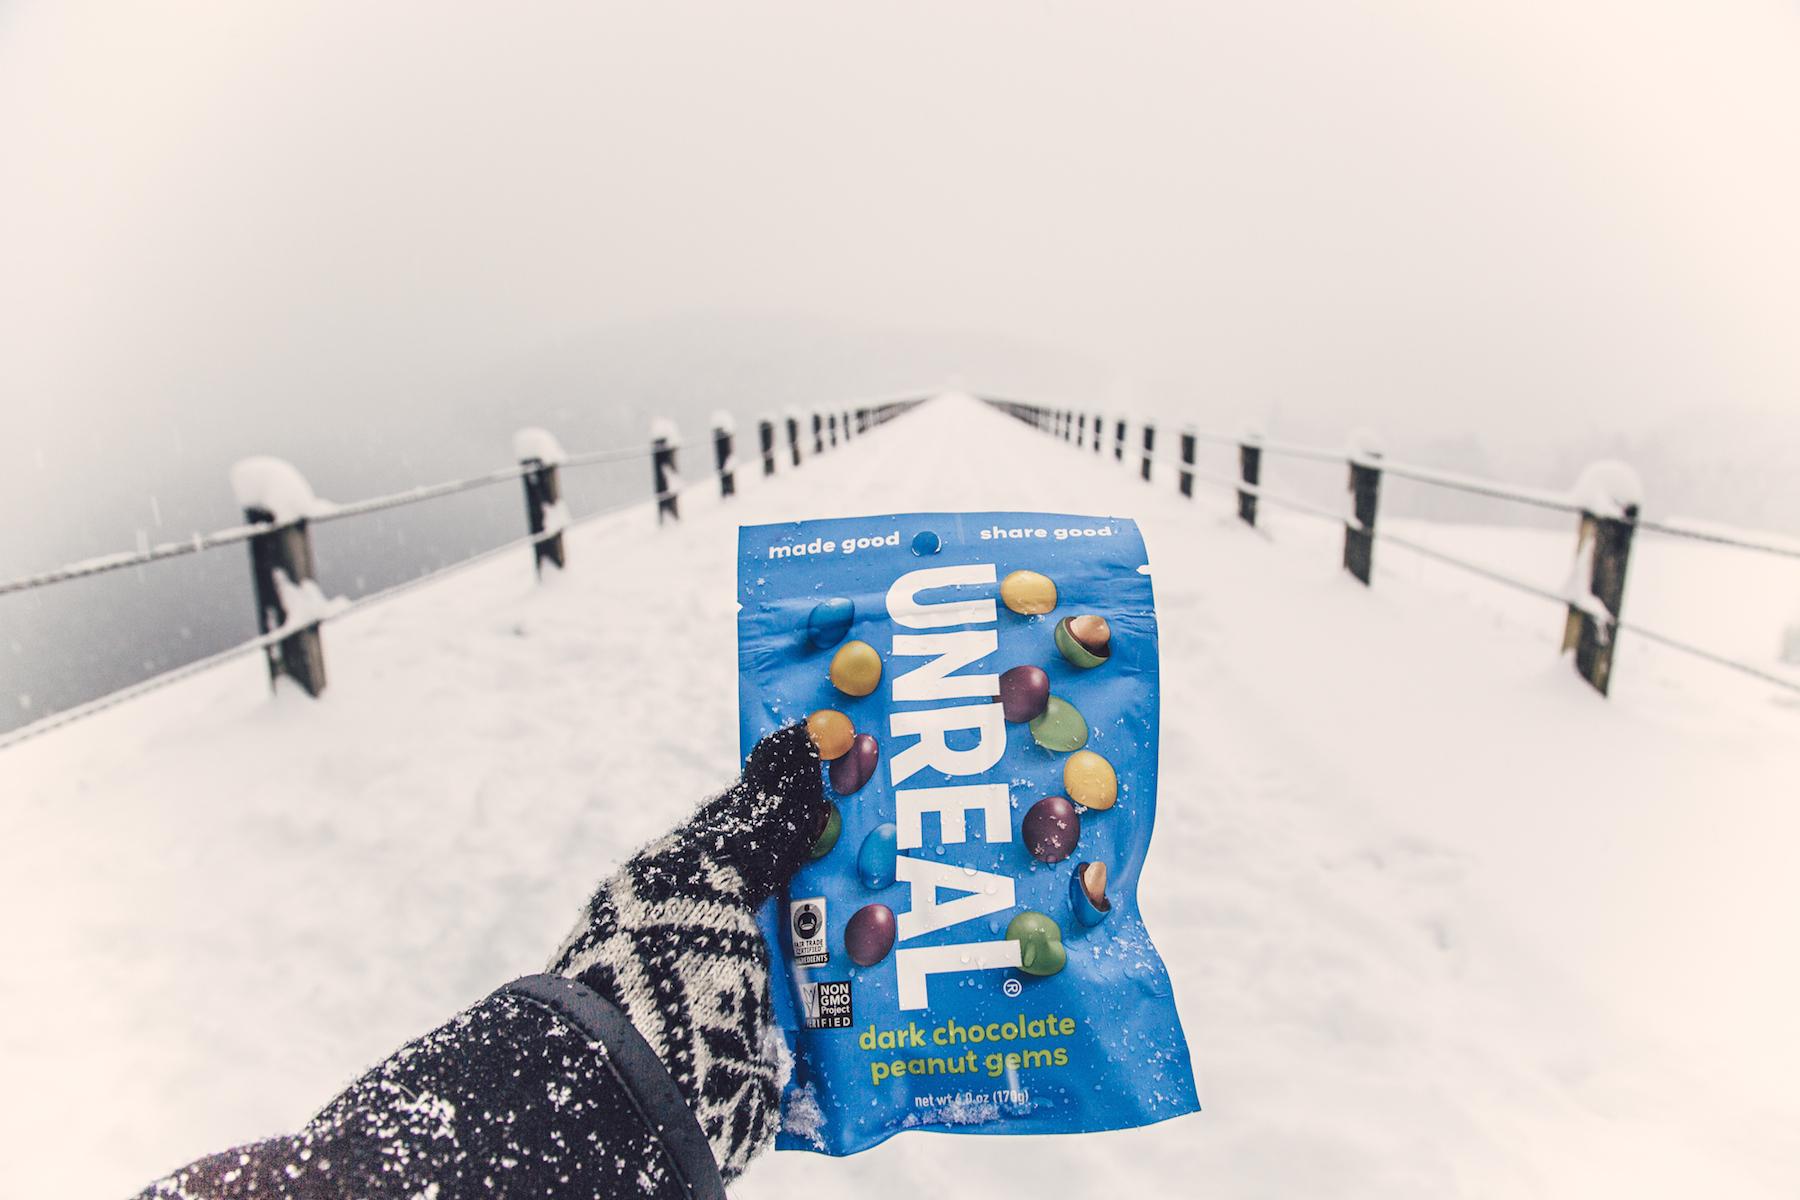 Unreal-Snow-3 copy.jpg